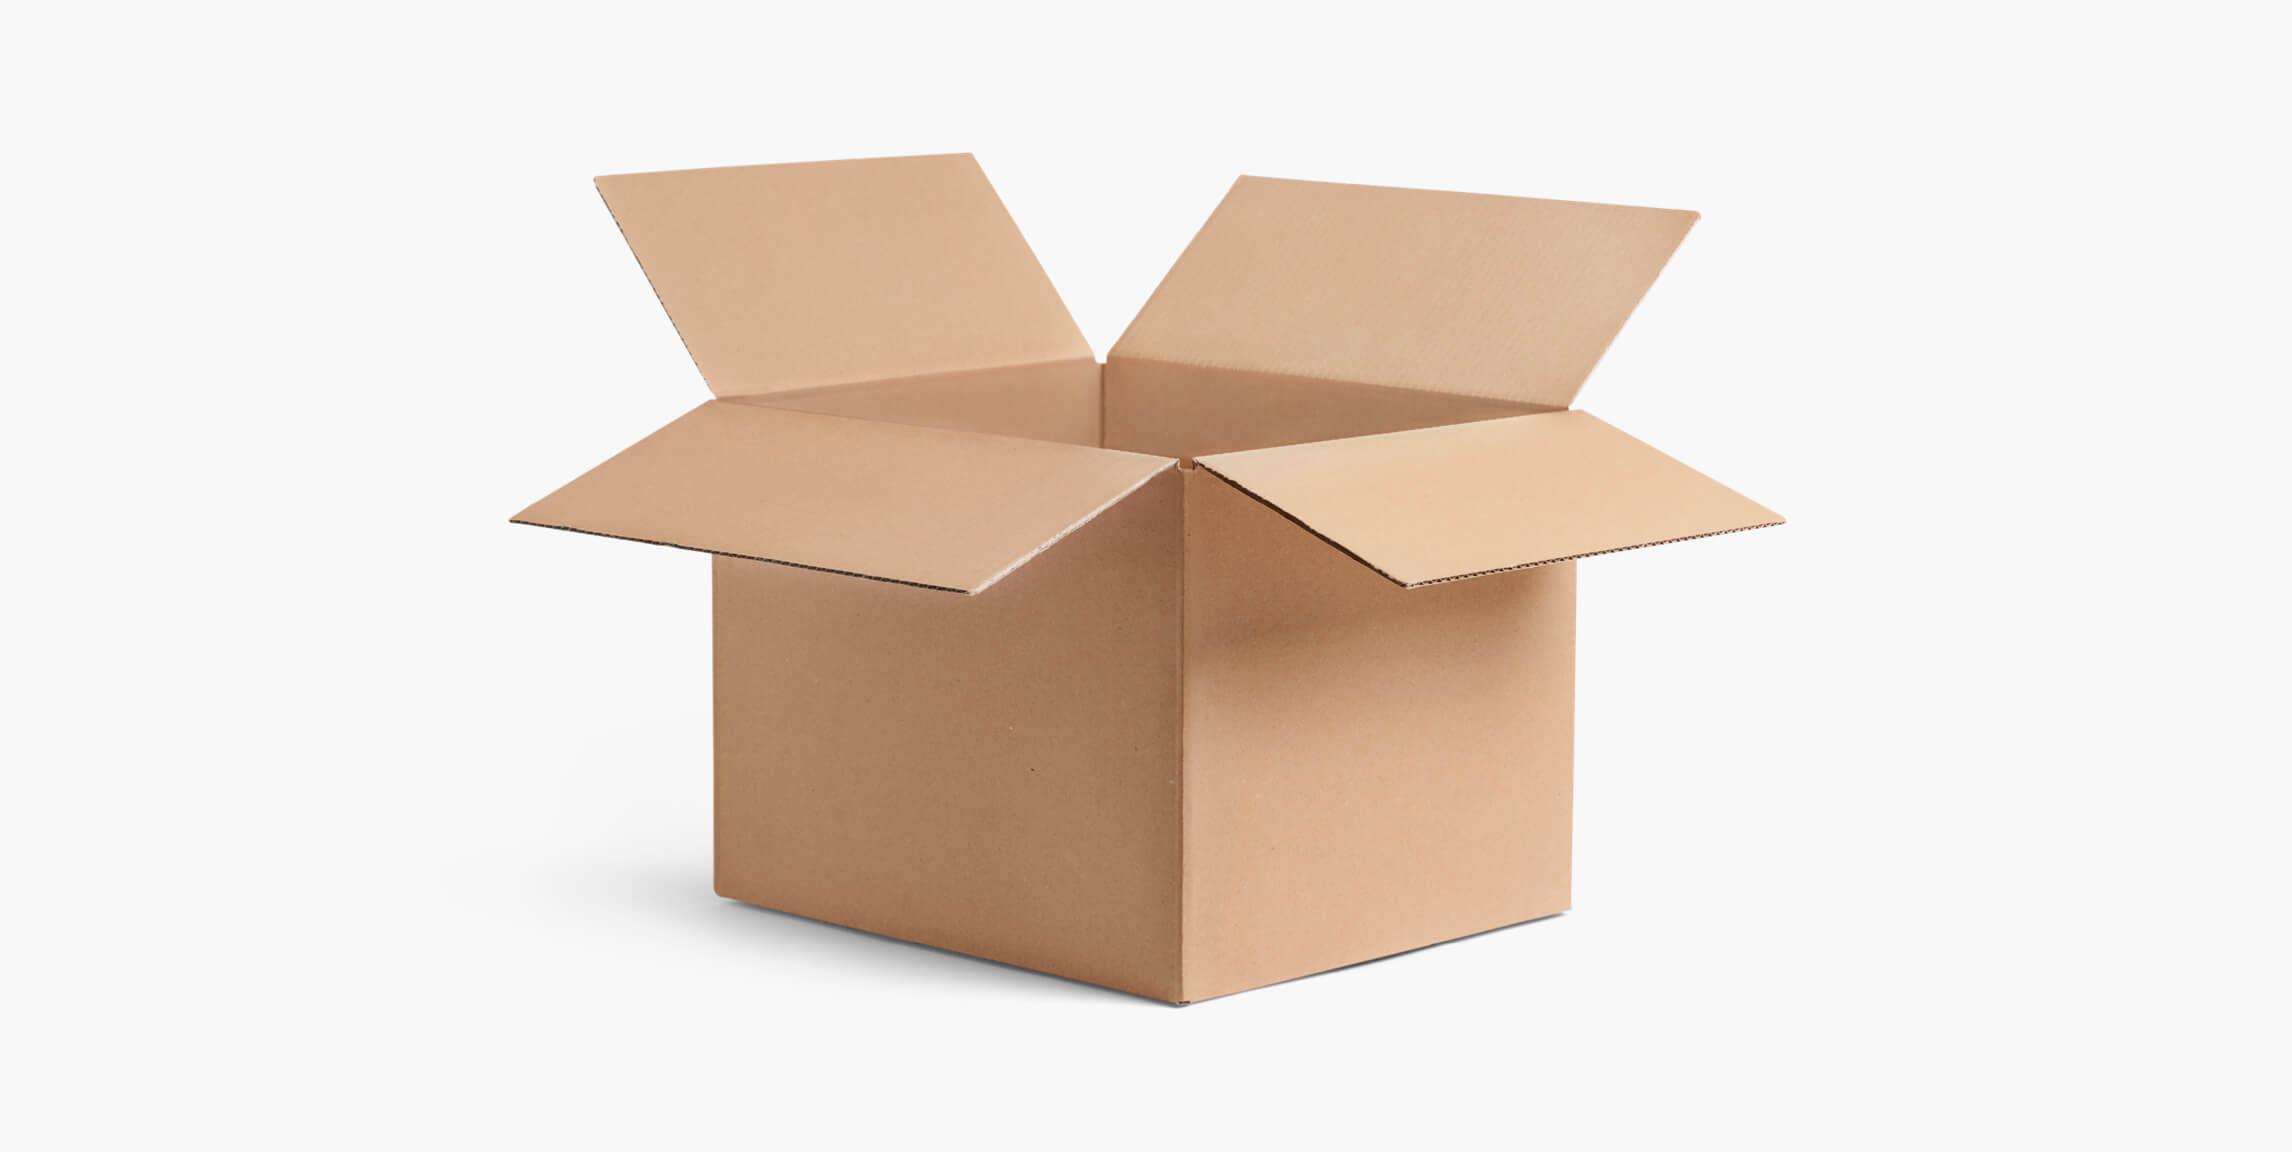 Pudełka Klapowe bez nadruku - opakowania z nadrukiem dla firm - zapakuj.to